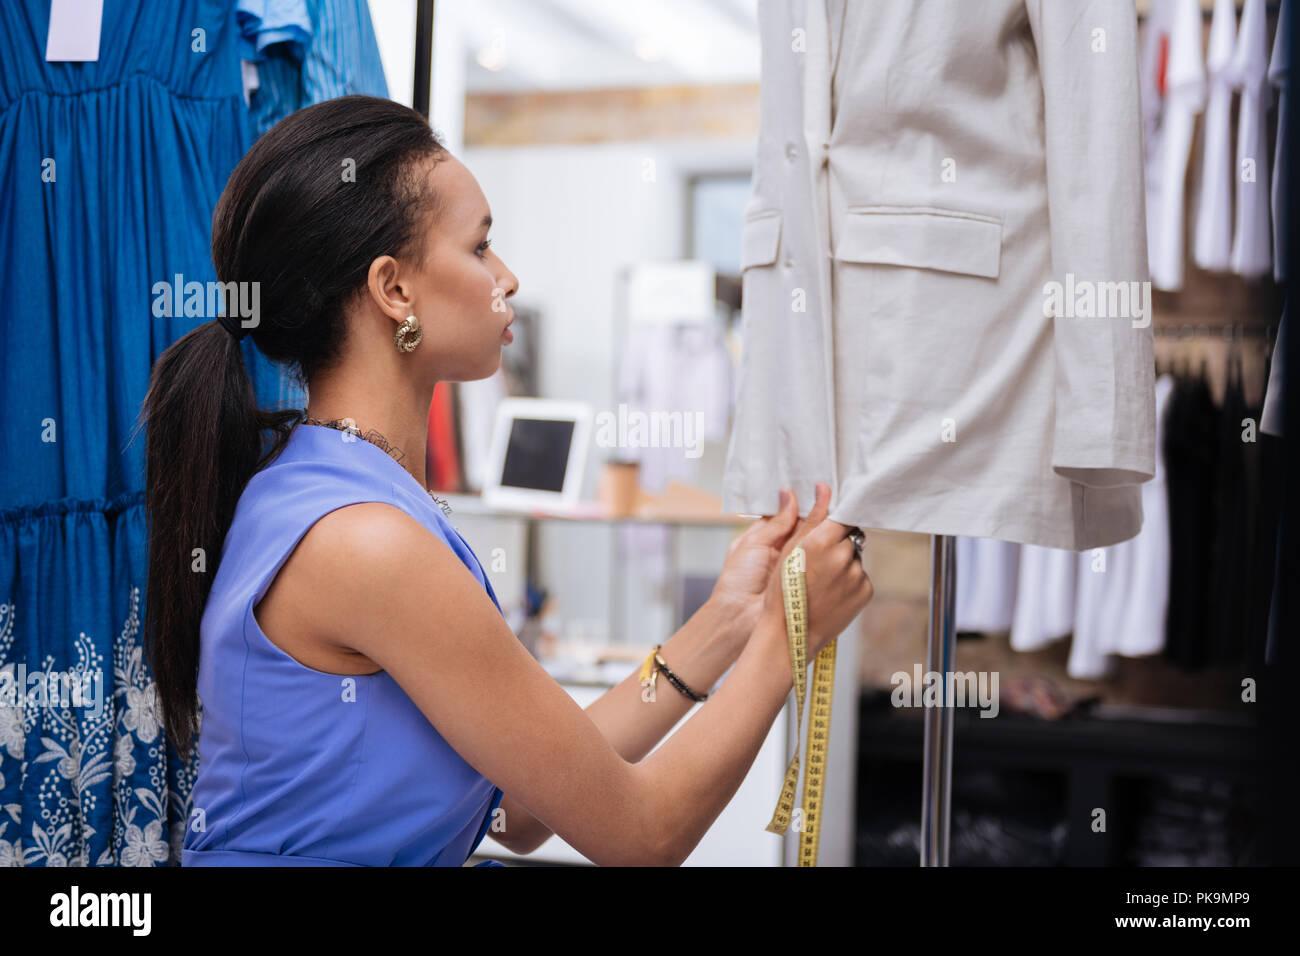 Attento femmina assistente di vendita la preparazione per l'apertura Immagini Stock